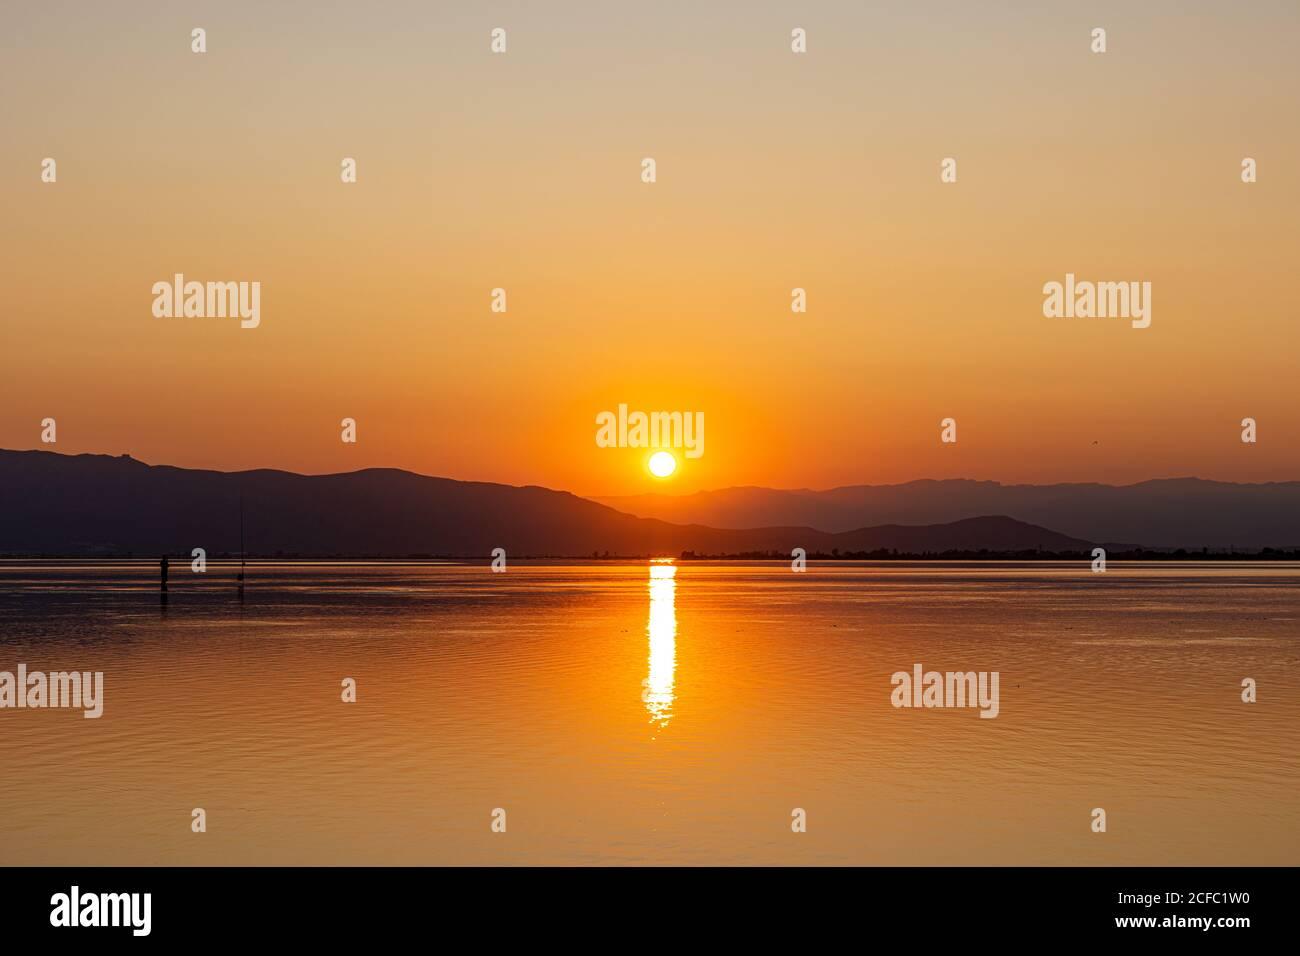 Sol anaranjado bajando detrás de colinas oscuras reflejando en paz el agua ligeramente ondulada crea un paisaje marino romántico Foto de stock